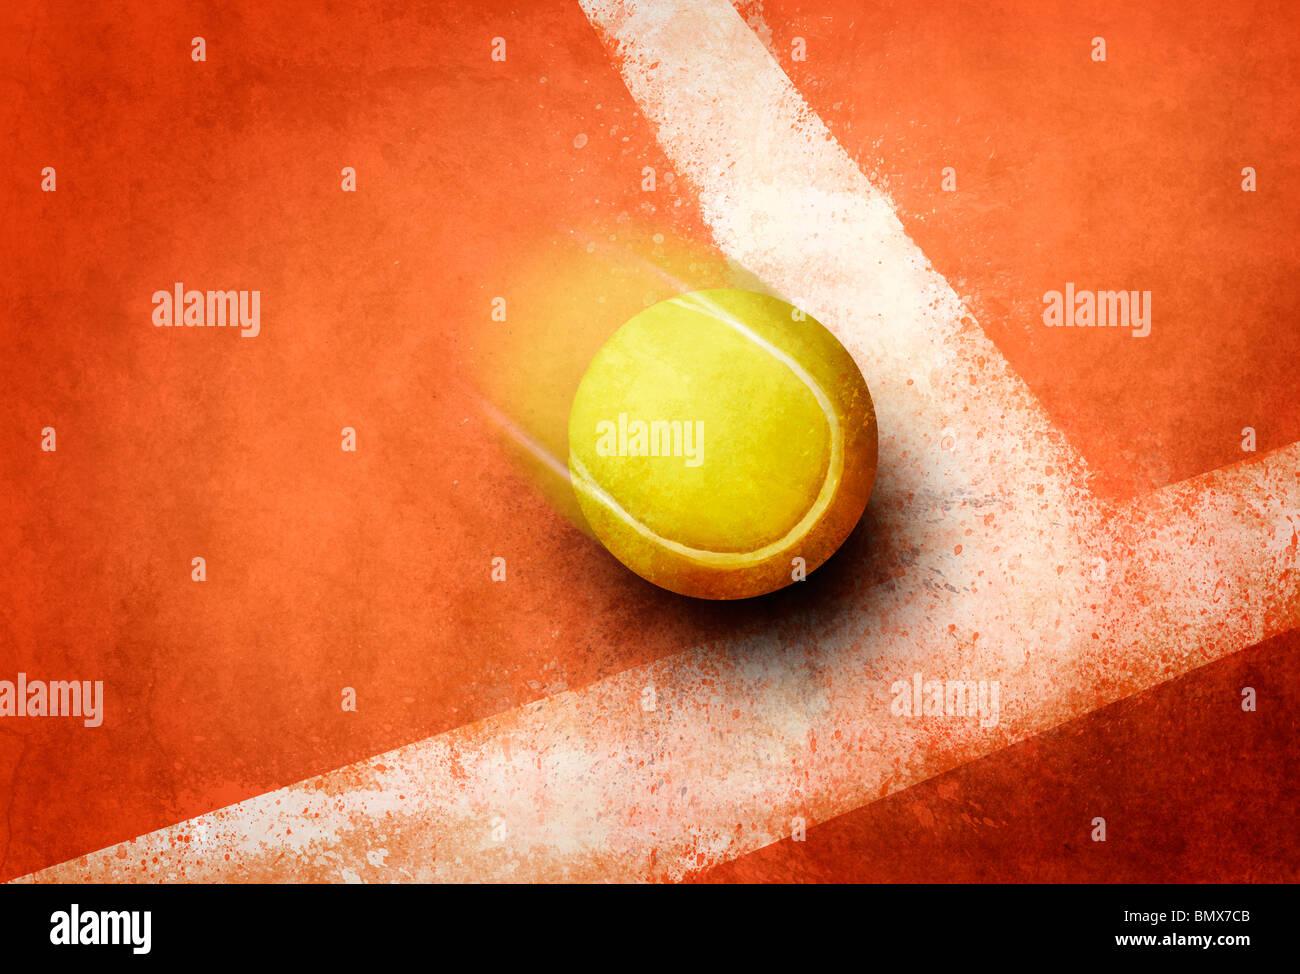 Balle de tennis à l'angle de la ligne de champ au sol rouge Photo Stock